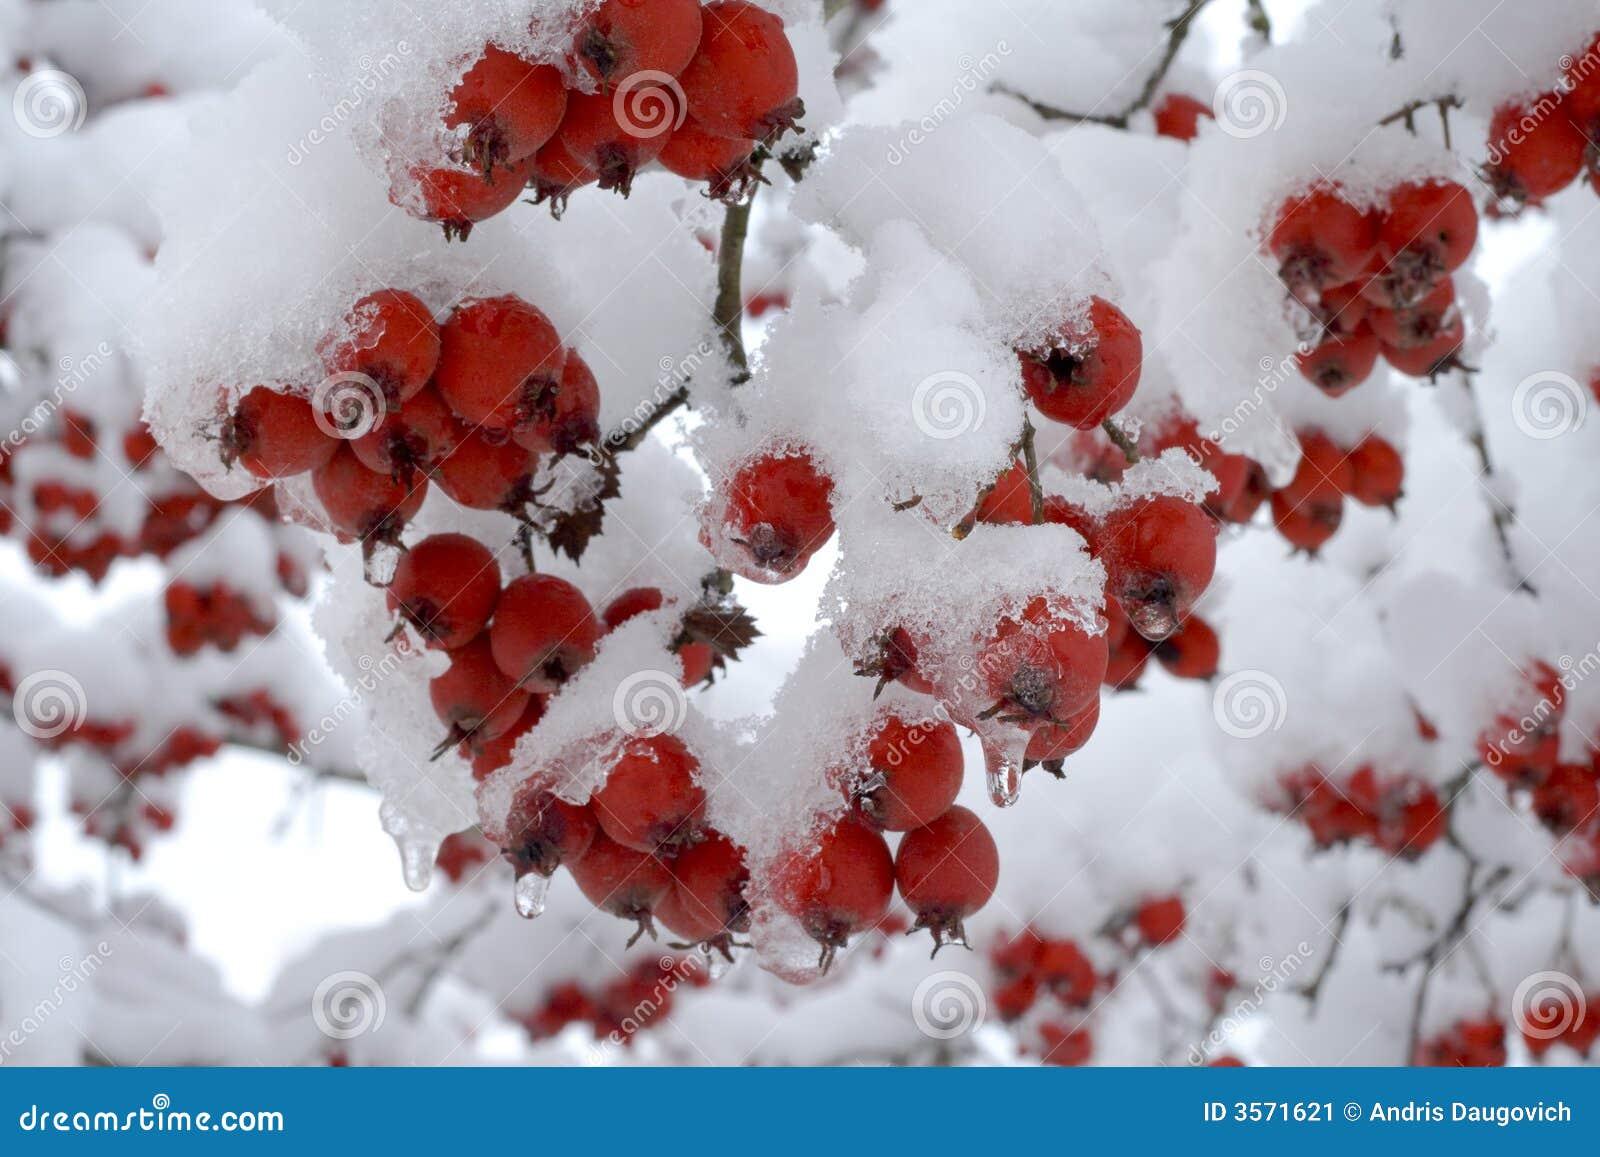 浆果下雪下